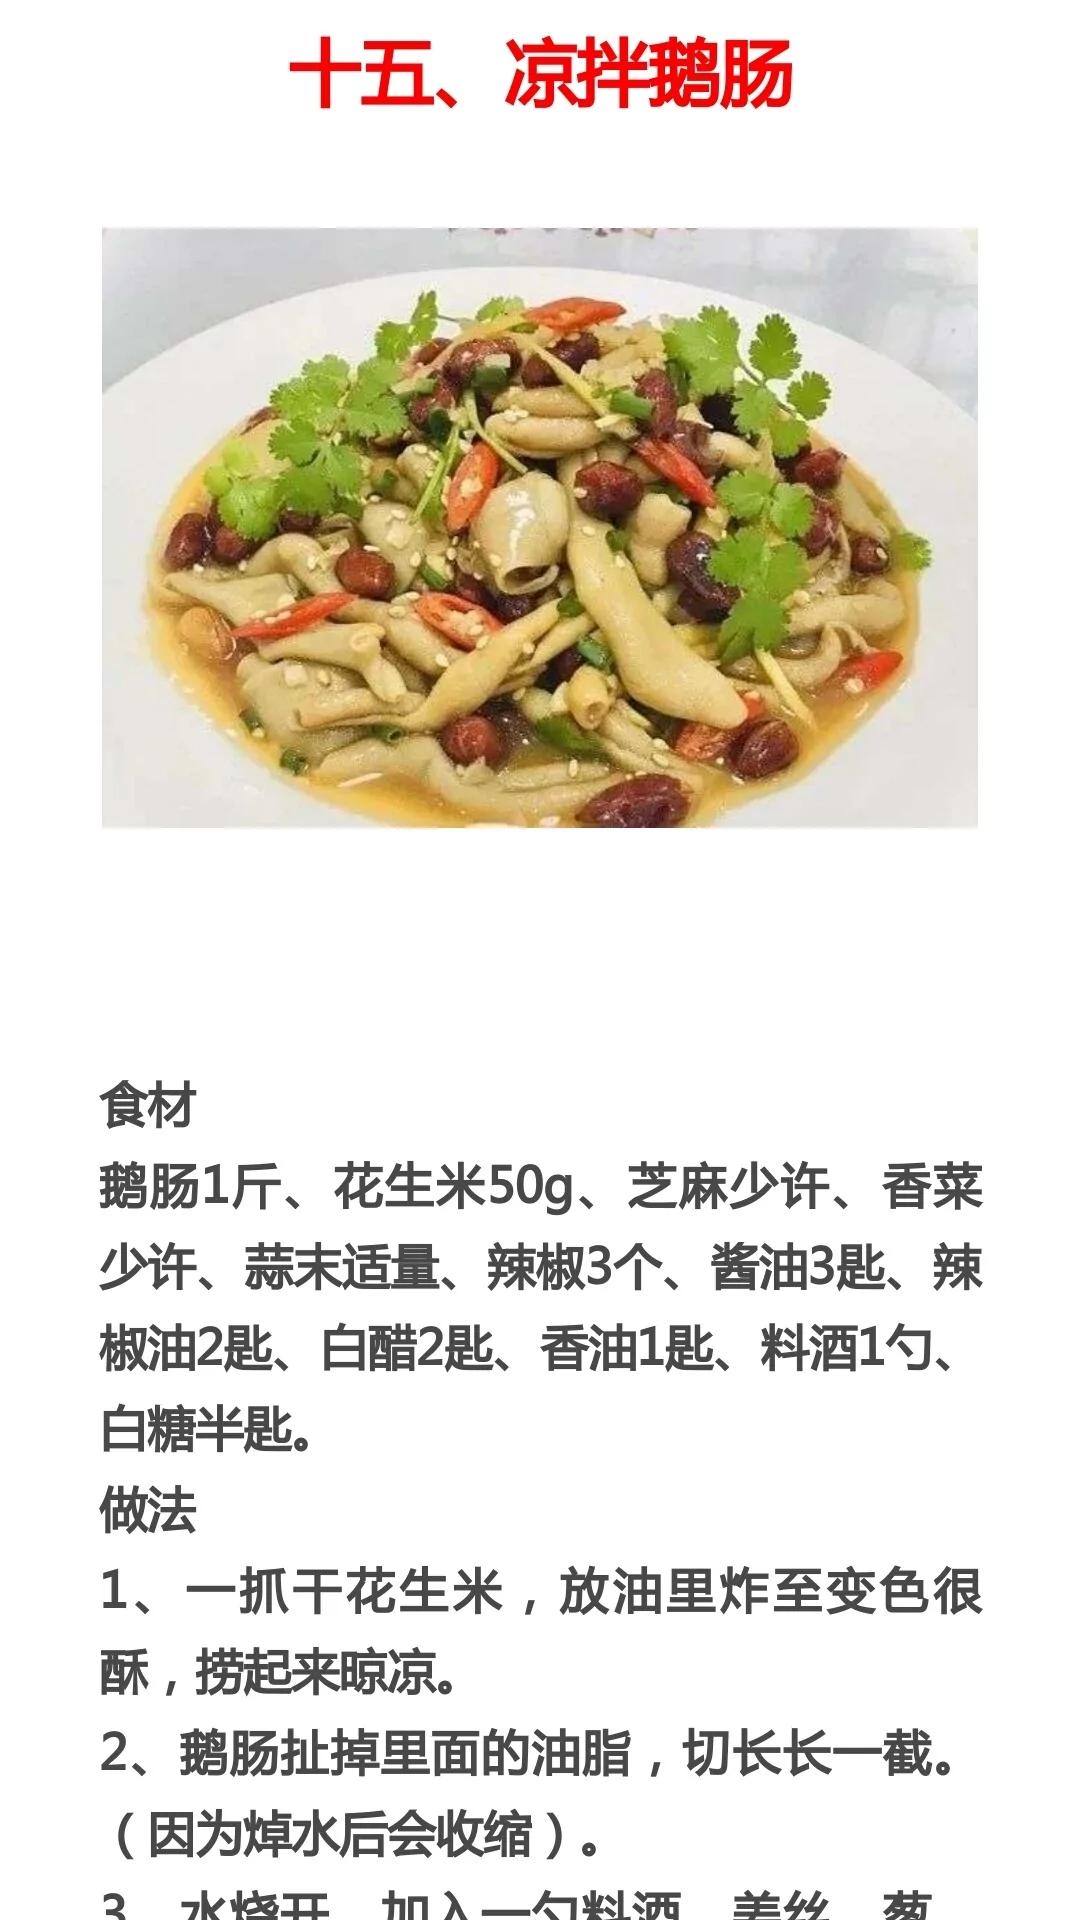 家常凉拌菜的做法及配料 美食做法 第8张